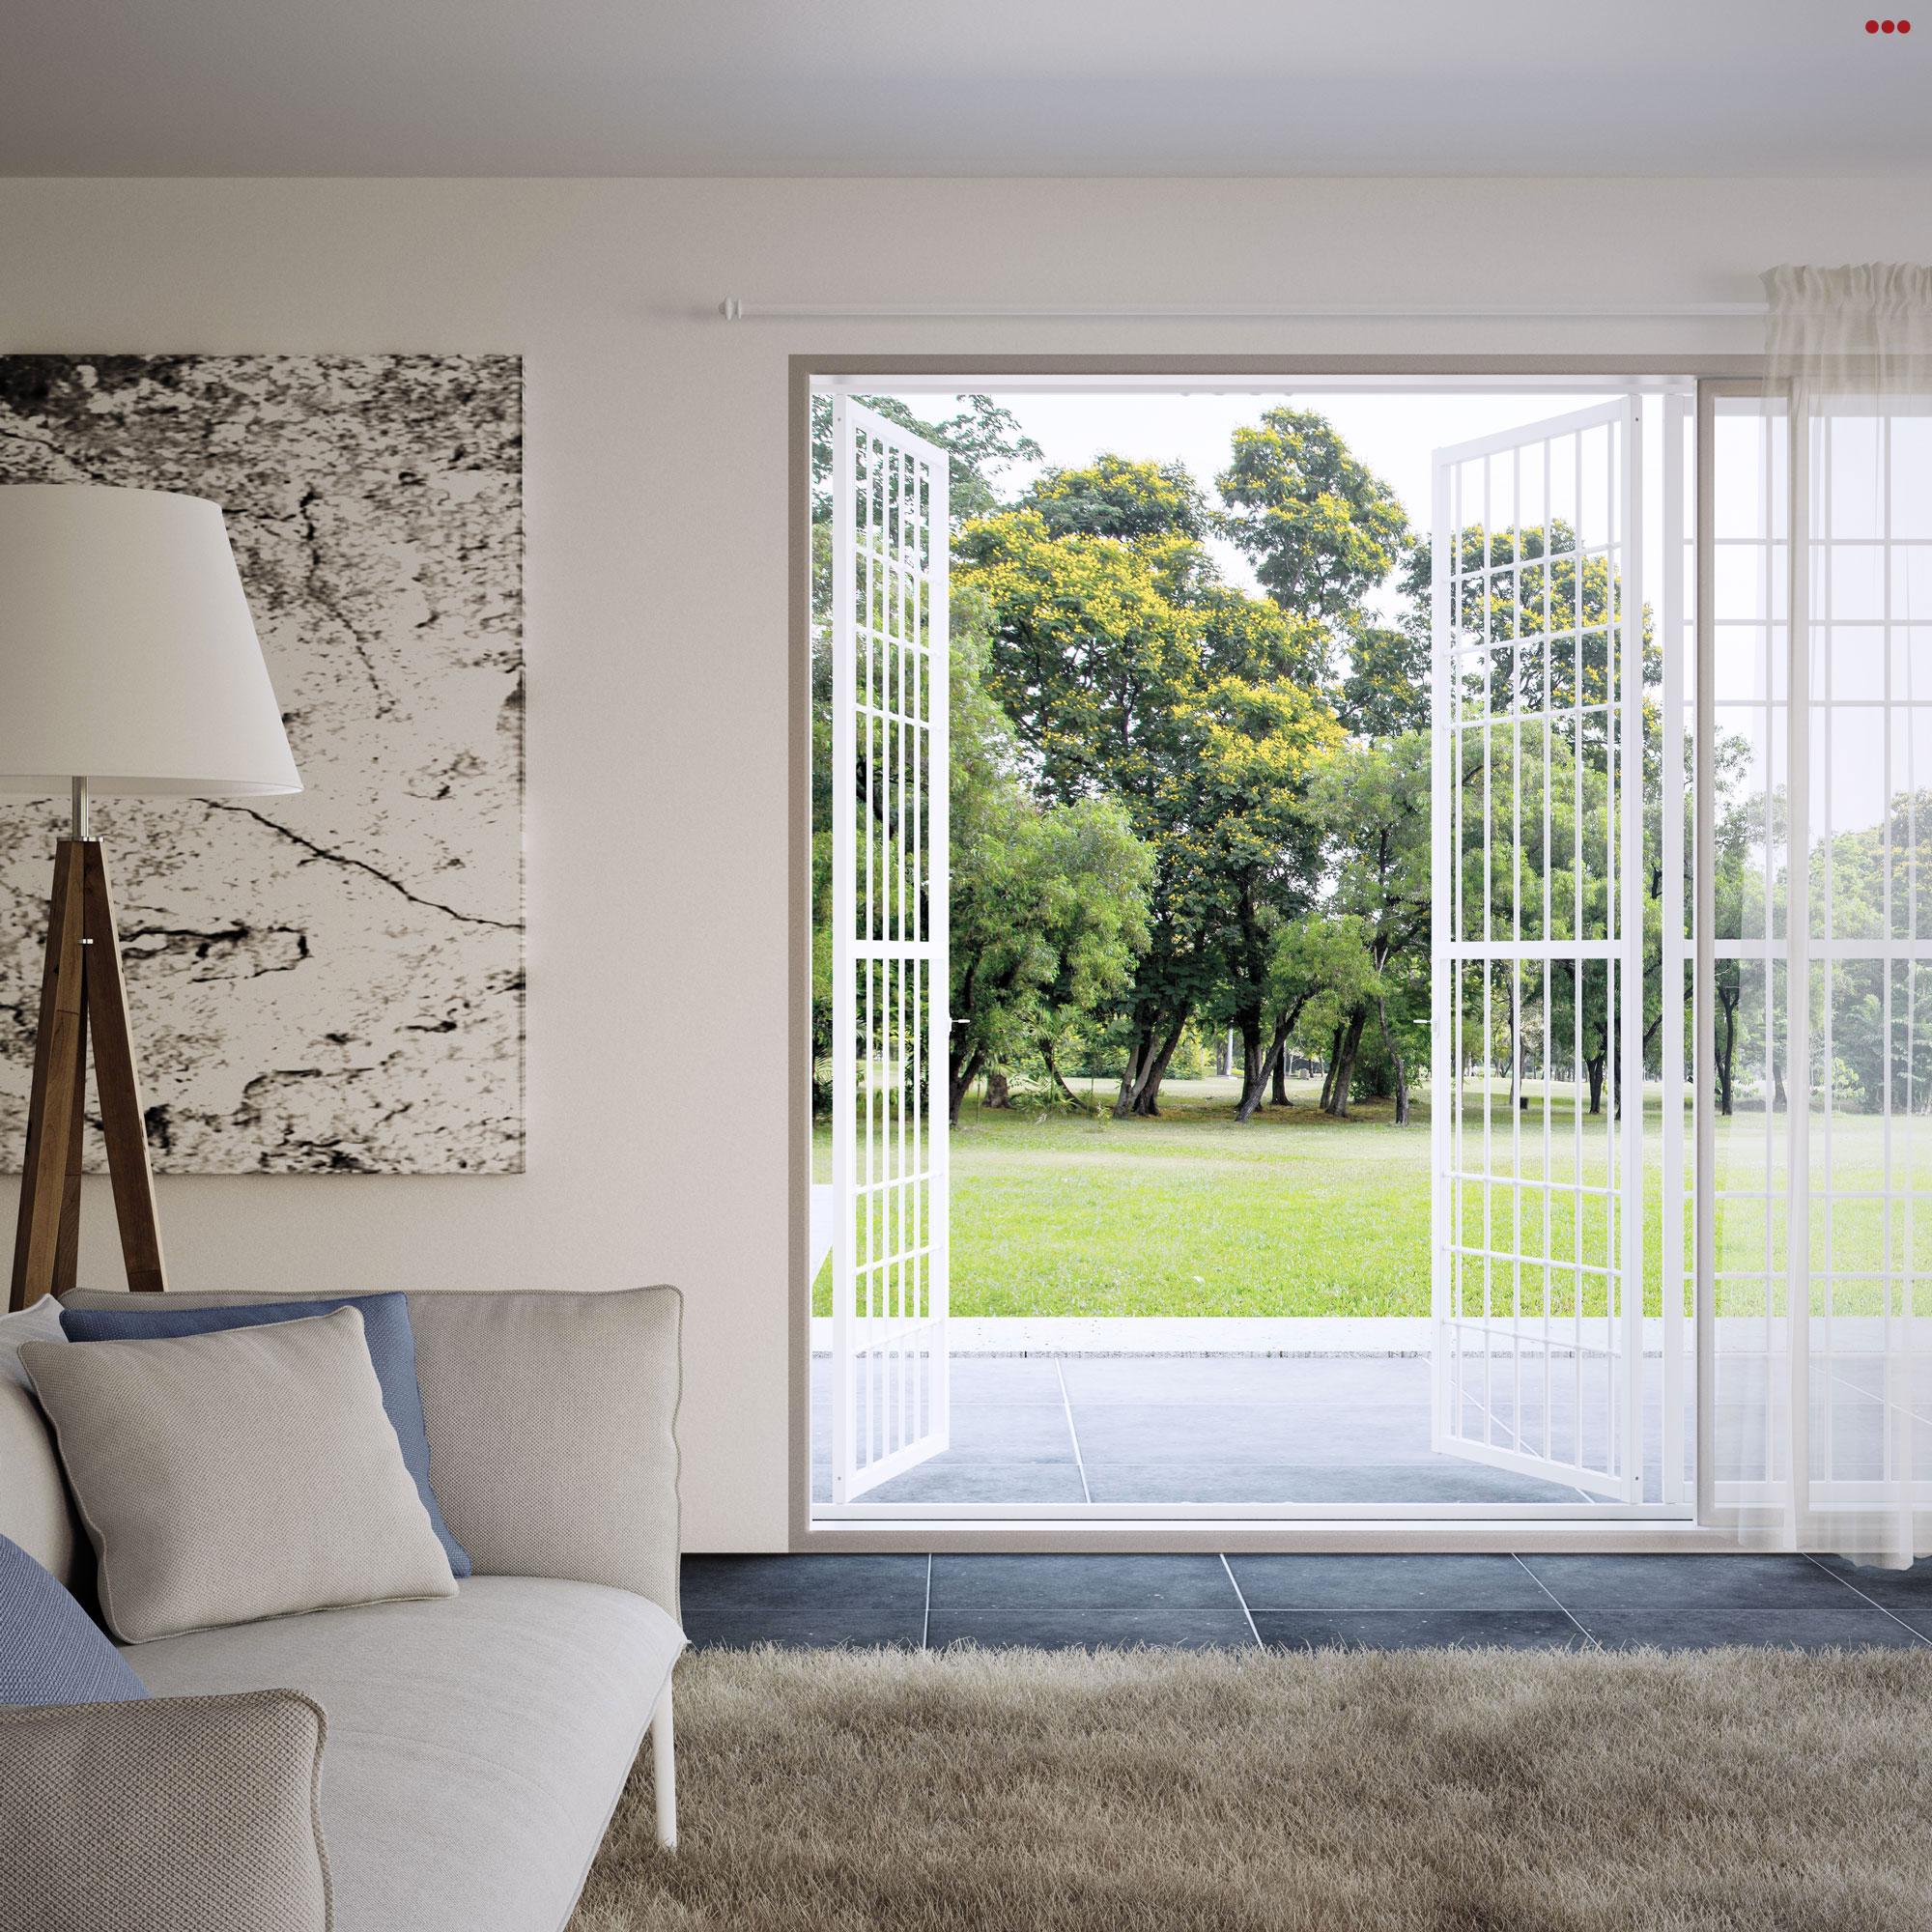 Studio Bartolini progettazione rendering 3D living interno ambiente camera main 1